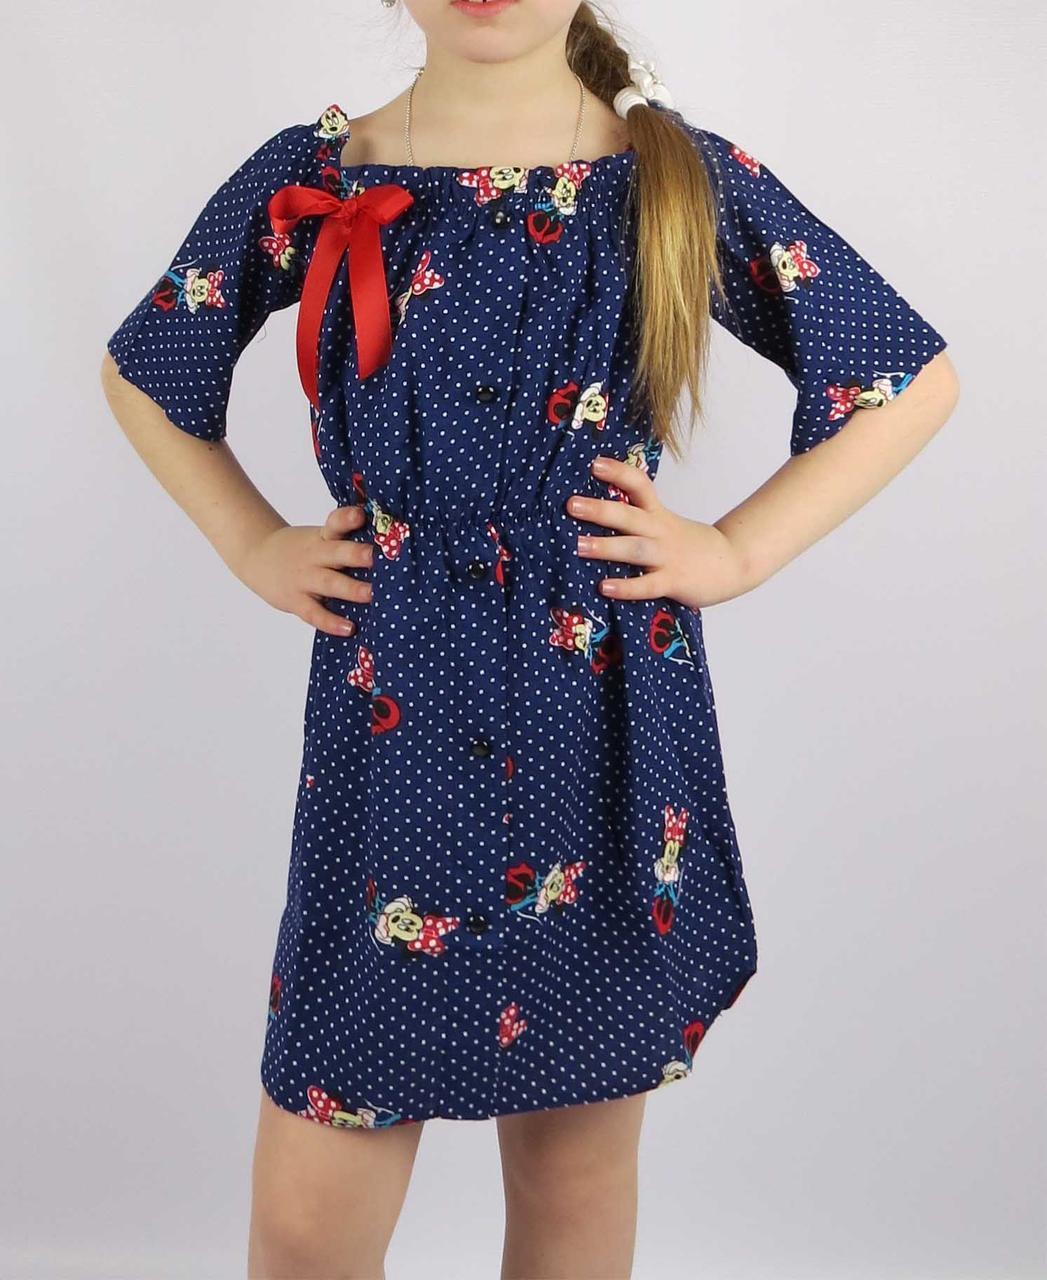 Платье бант код 610 размеры от 122 см до 140 см (от 6 до 10 лет), фото 2